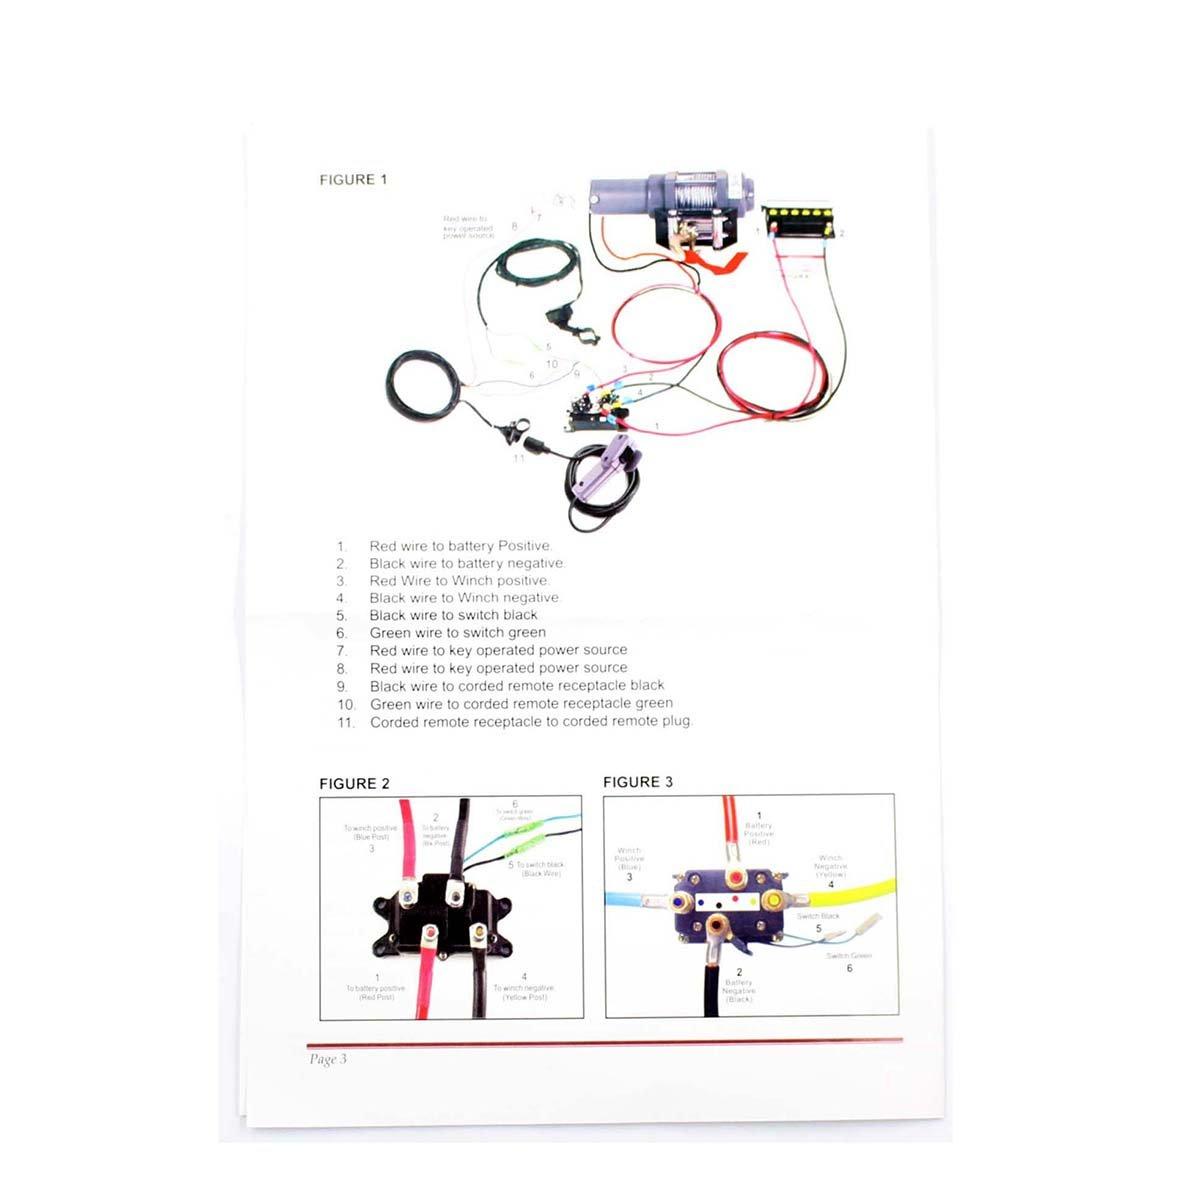 amazon com goodeal 12v solenoid relay contactor winch rocker amazon com goodeal 12v solenoid relay contactor winch rocker thumb switch for atv utv automotive